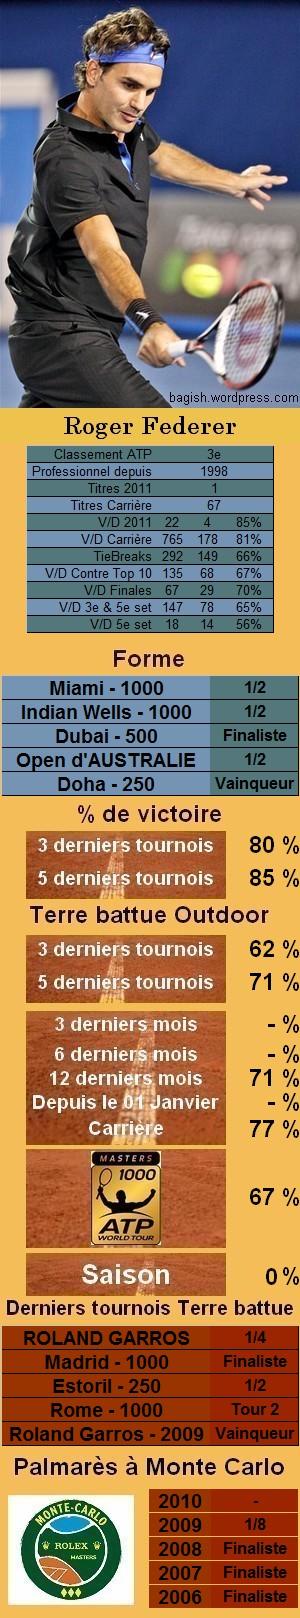 Les statistiques tennis de Roger Federer pour le tournoi de Monte Carlo